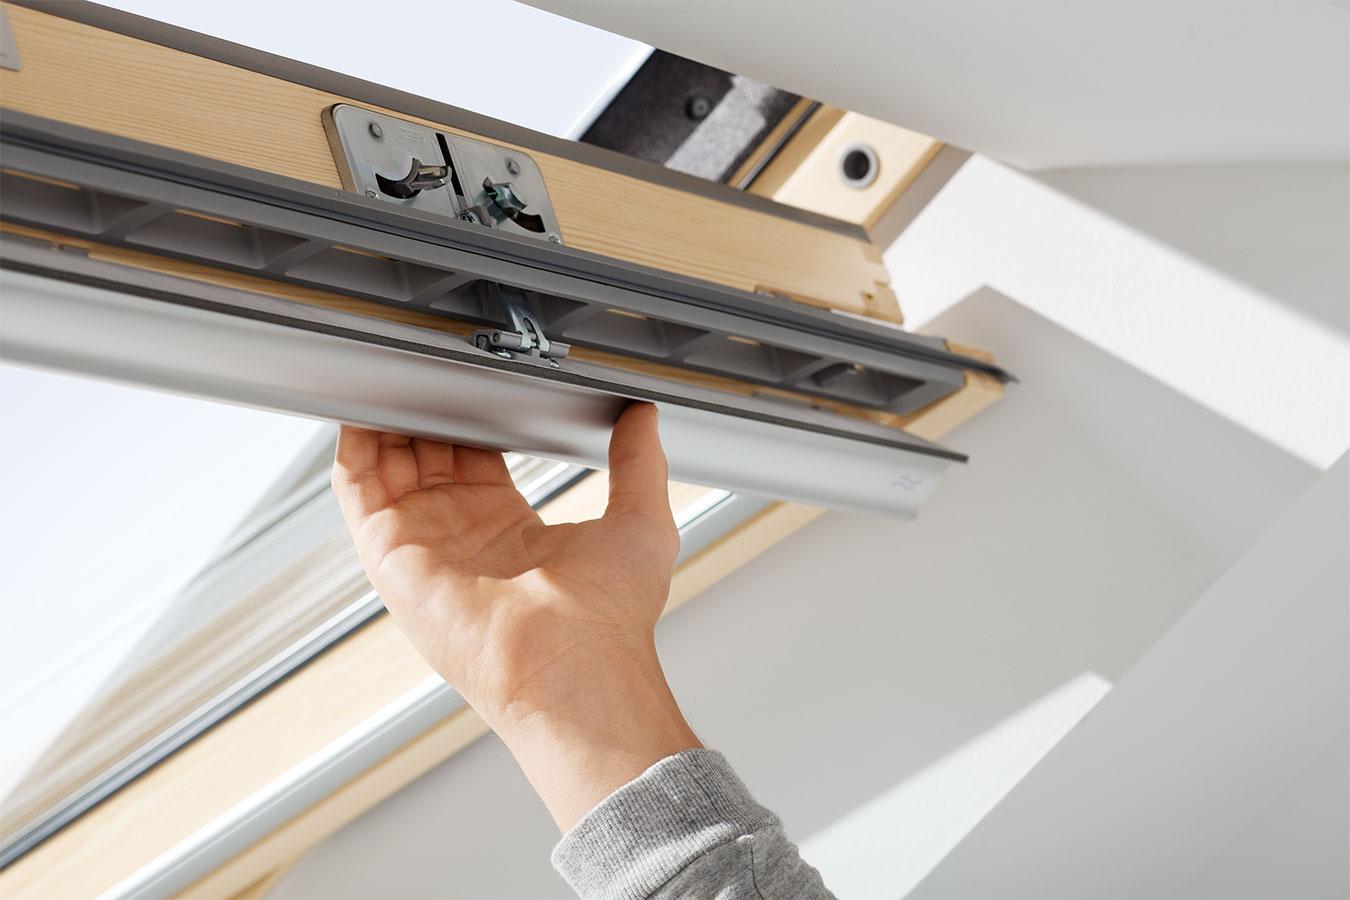 Príjemný pobyt v podkroví zaručí aj špeciálne tesnenie, ktoré zlepšuje tepelno-izolačné vlastnosti okna.